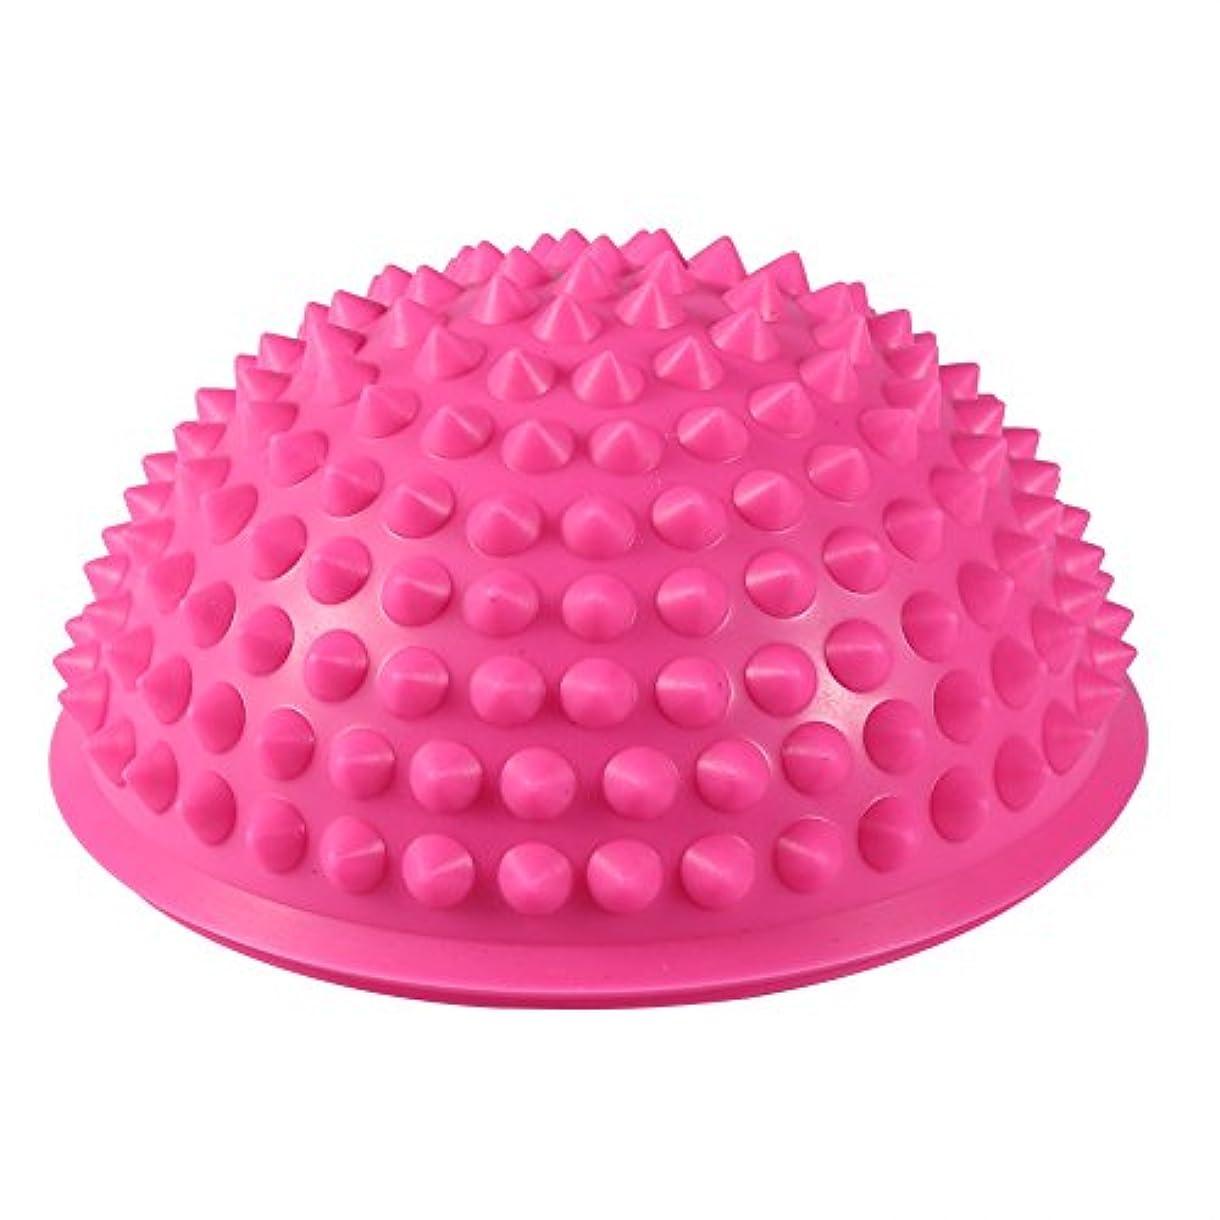 着飾る雄大な概念ハーフラウンドPVCマッサージボールヨガボールフィットネスエクササイズジムマッサージ5色(ピンク)